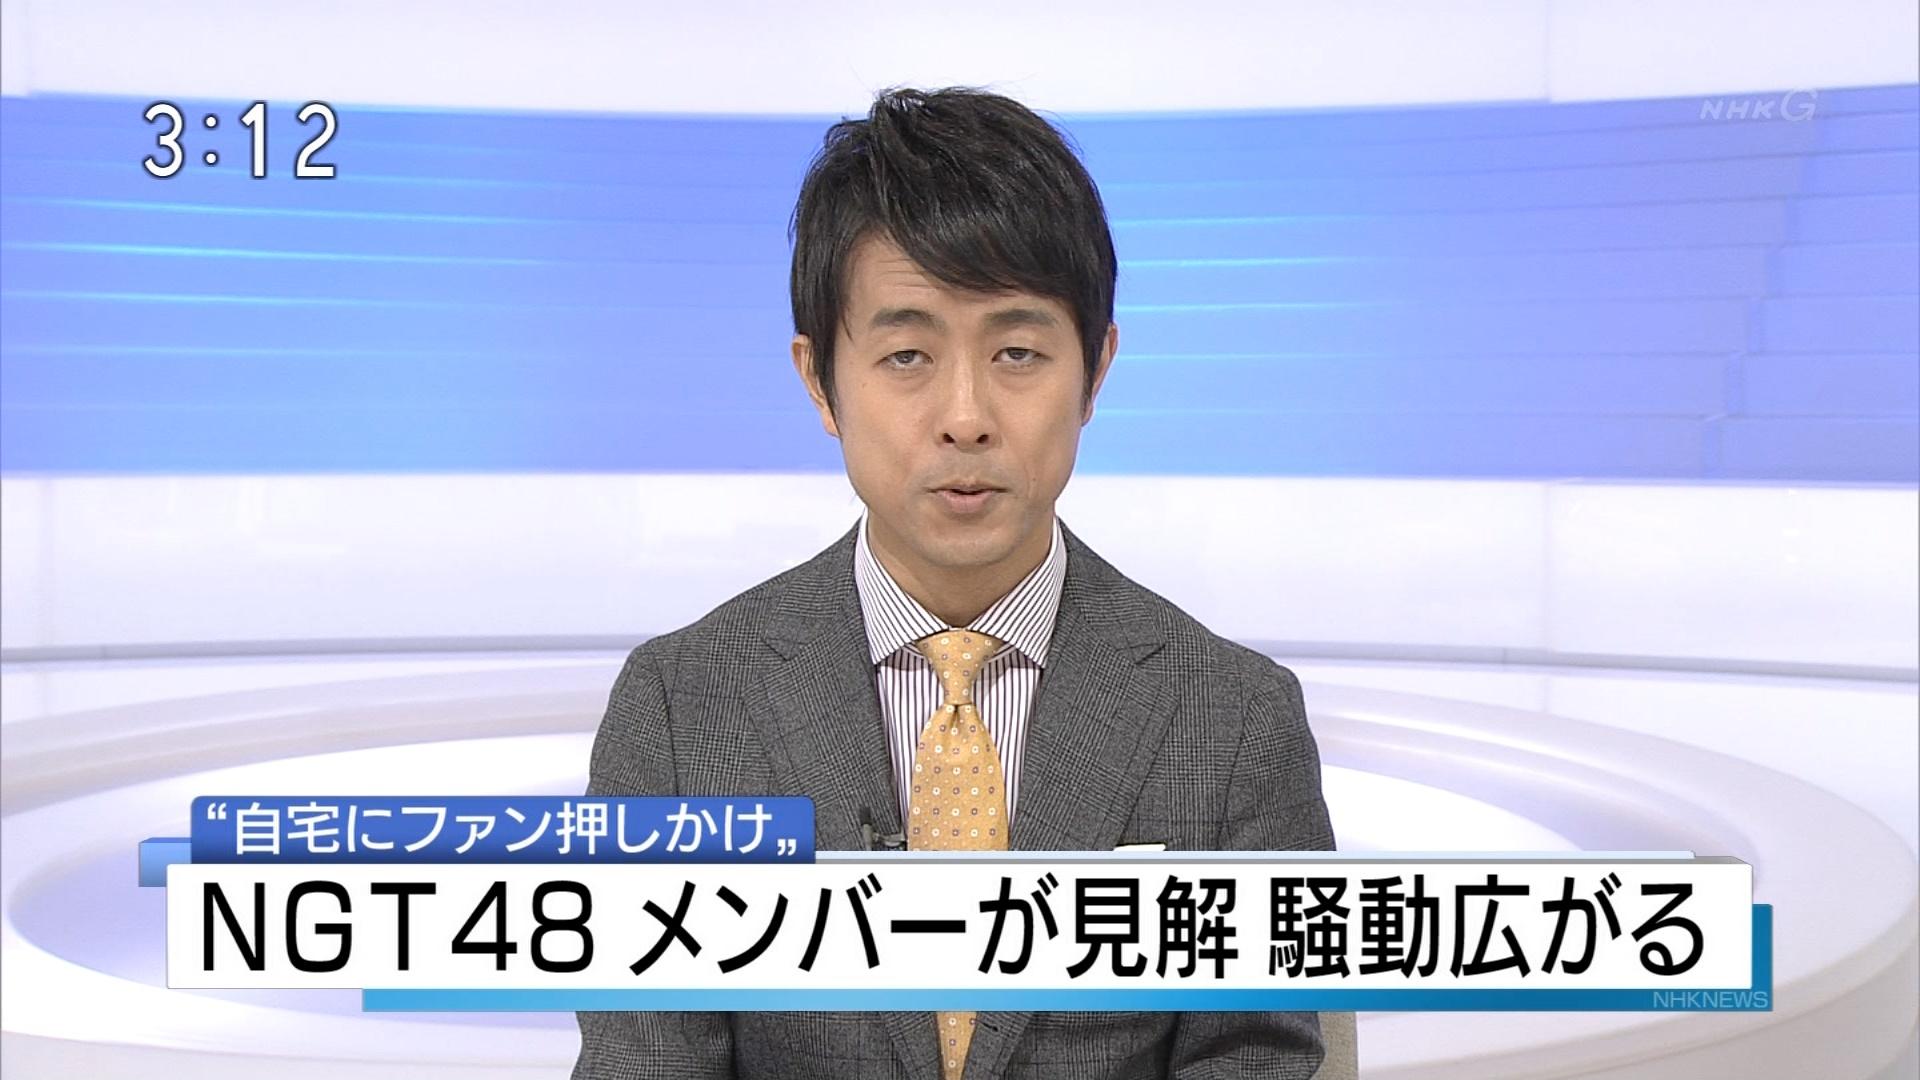 【放送事故】NHKニュースでNGT中井りかのチンピラツイートが晒されてしまうwwwwwwwwwww